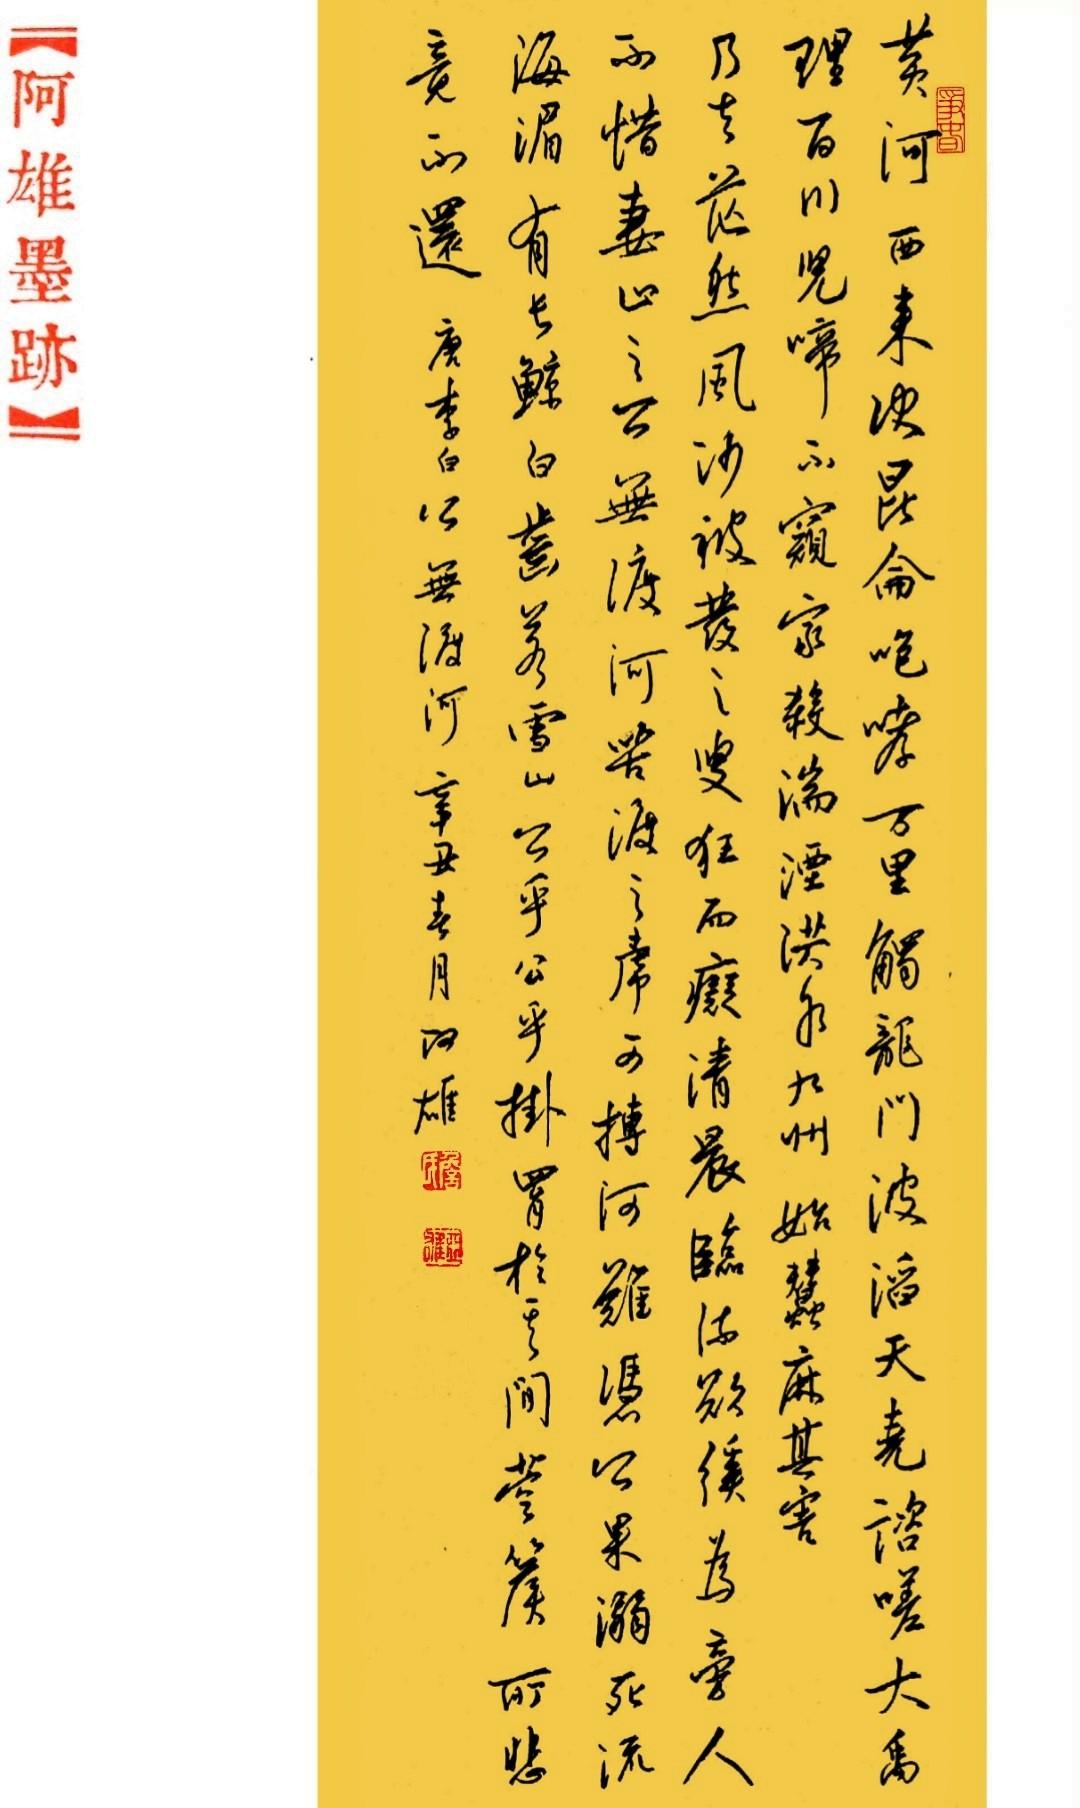 钢笔爱好者练字打卡20210406-13